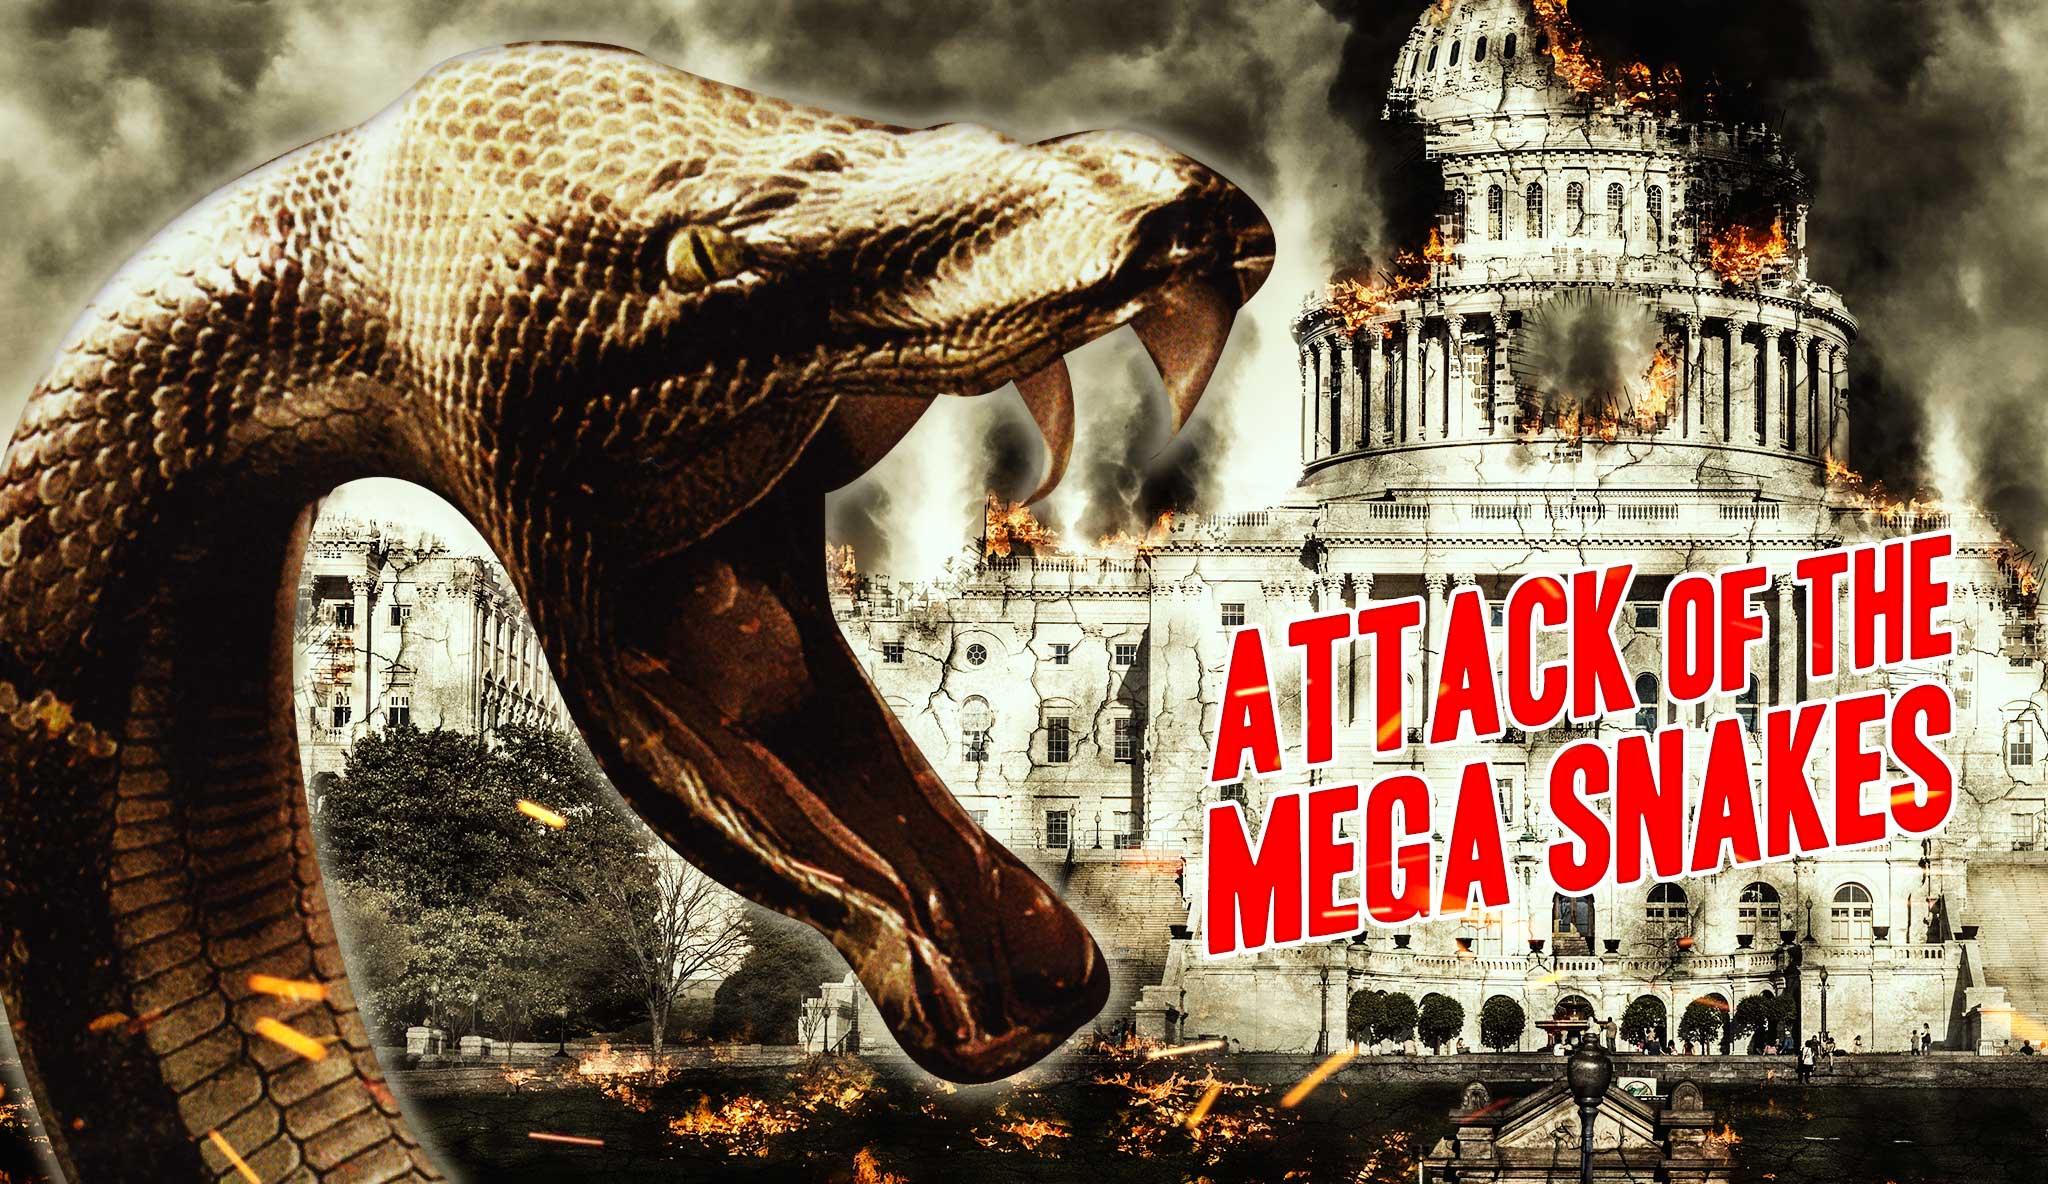 attack-of-the-mega-snakes\header.jpg